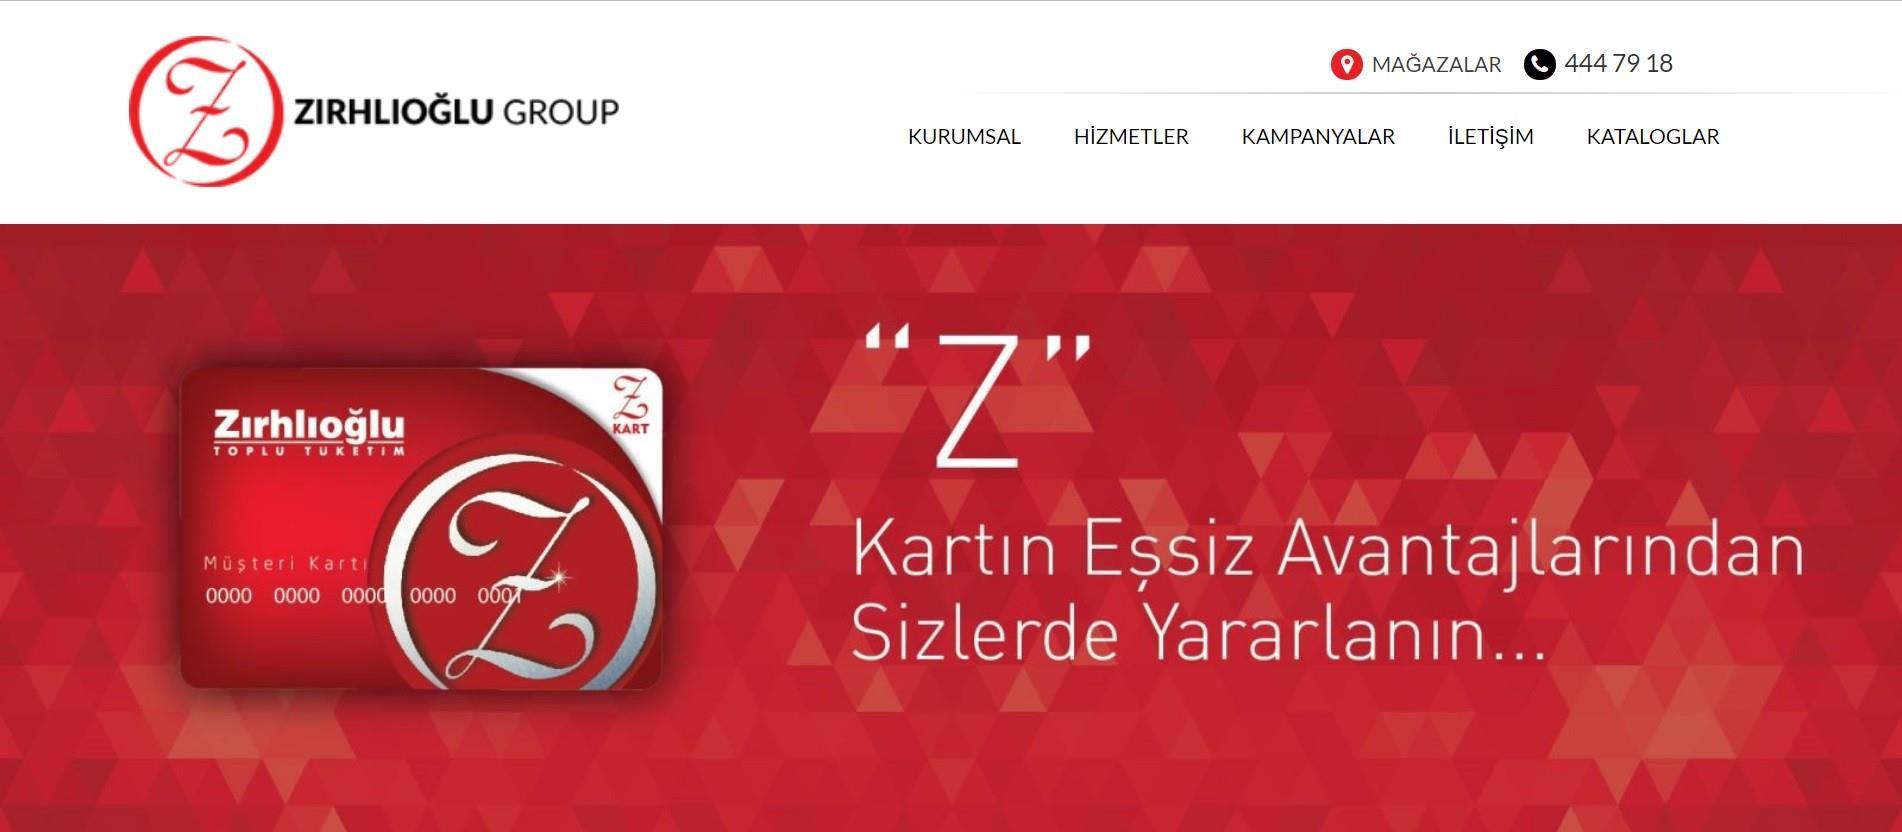 Zırhlıoğlu Şirketler Grubu'nun en önemli şirketi Zırhlıoğlu Gıda 2018'e Model ERP ile girmeye hazırlanıyor.